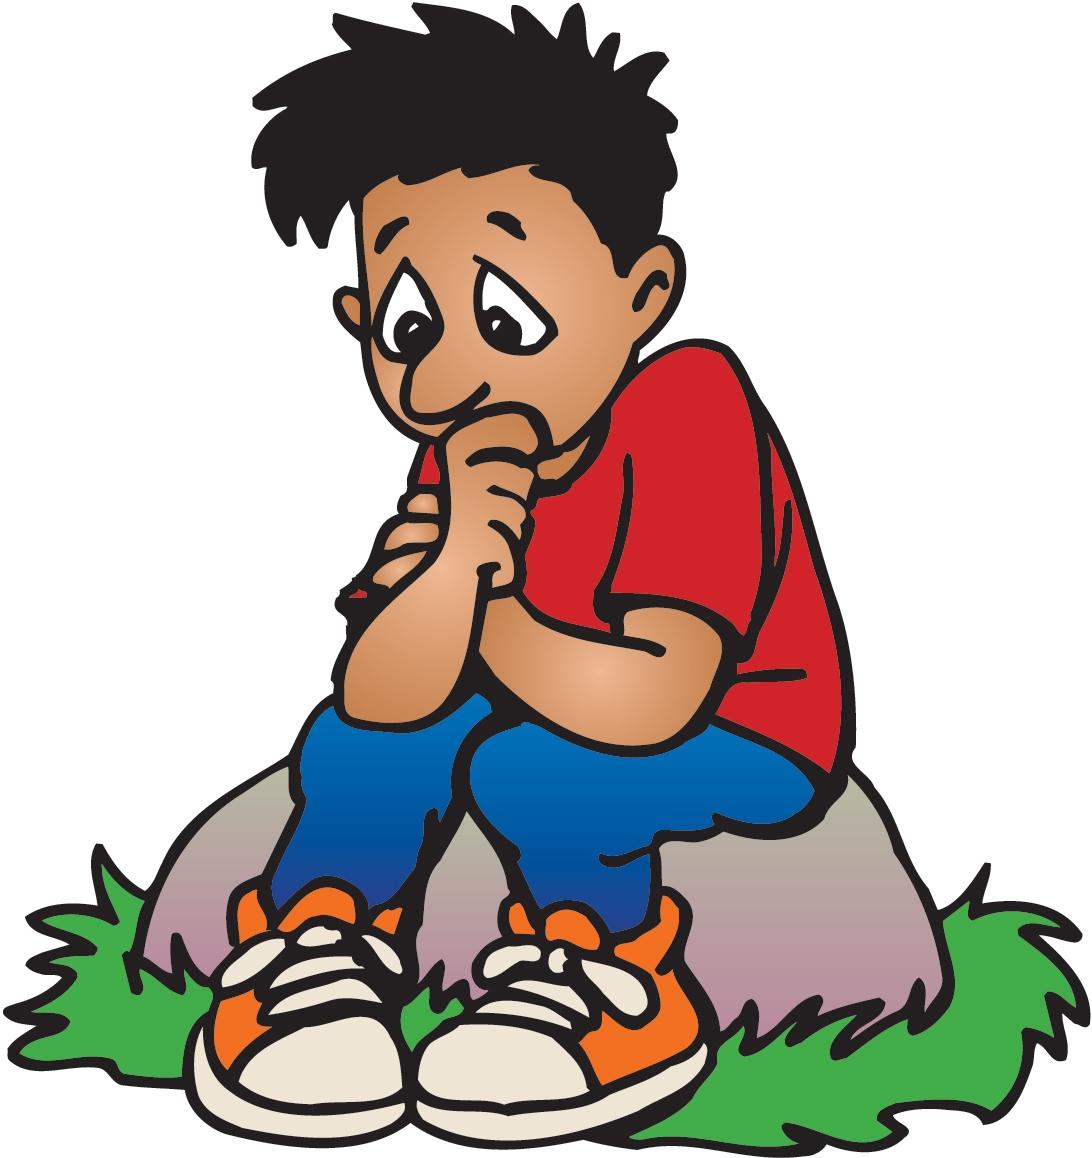 1092x1158 Little Boy Clipart Nervous